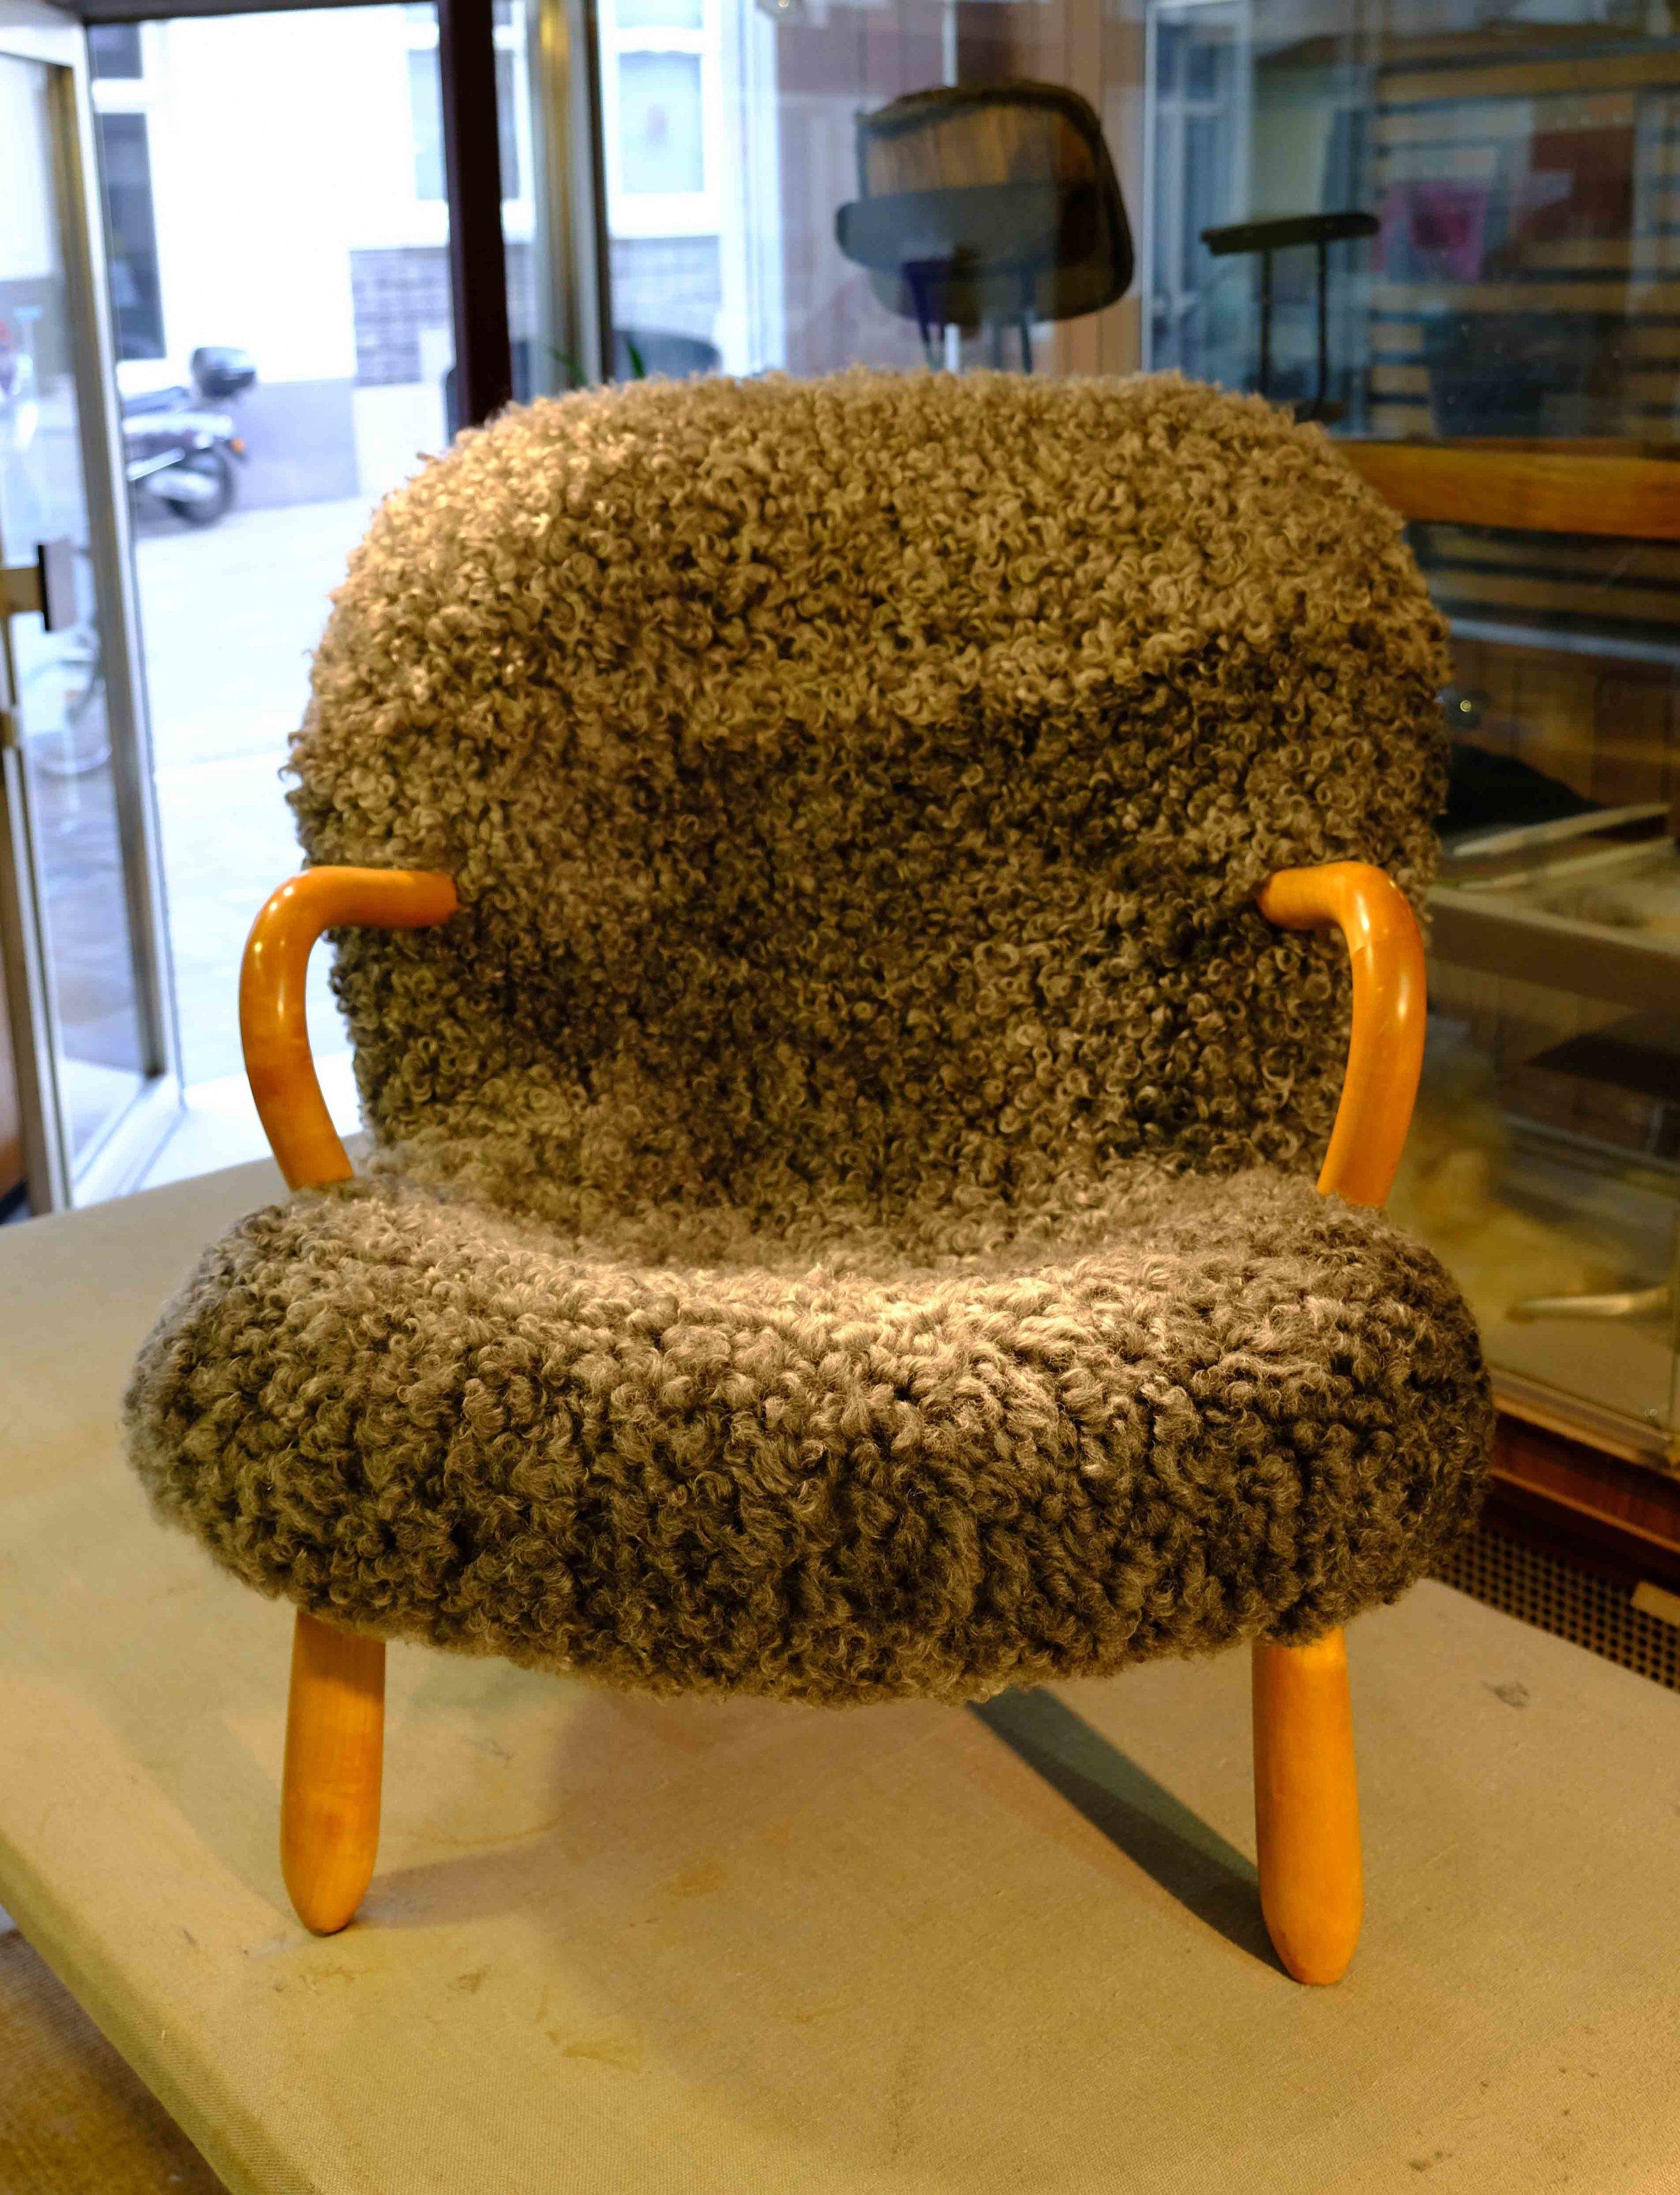 Clam chair, Philip Arctander, 1944, Denmark